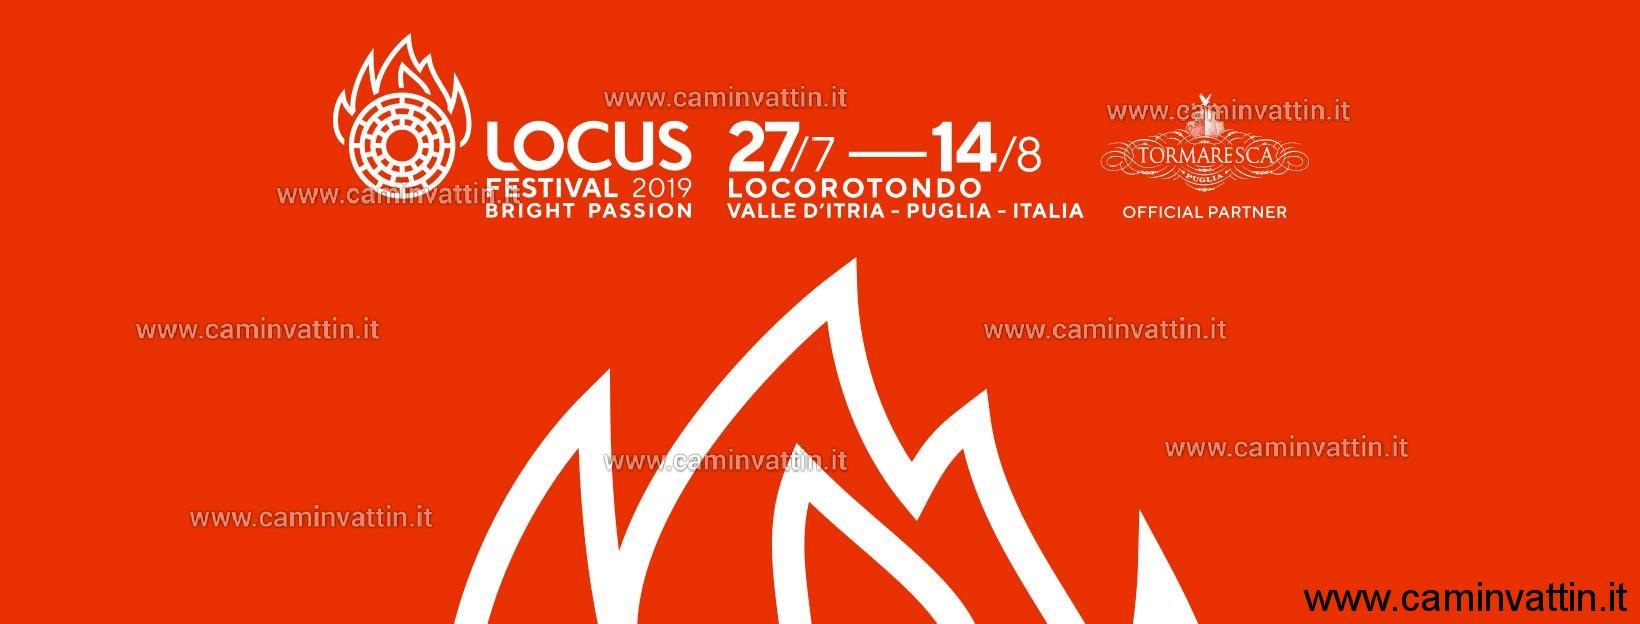 Calendario Eventi Ostuni 2020.Locus Festival 2019 Il Programma Completo Della Xvª